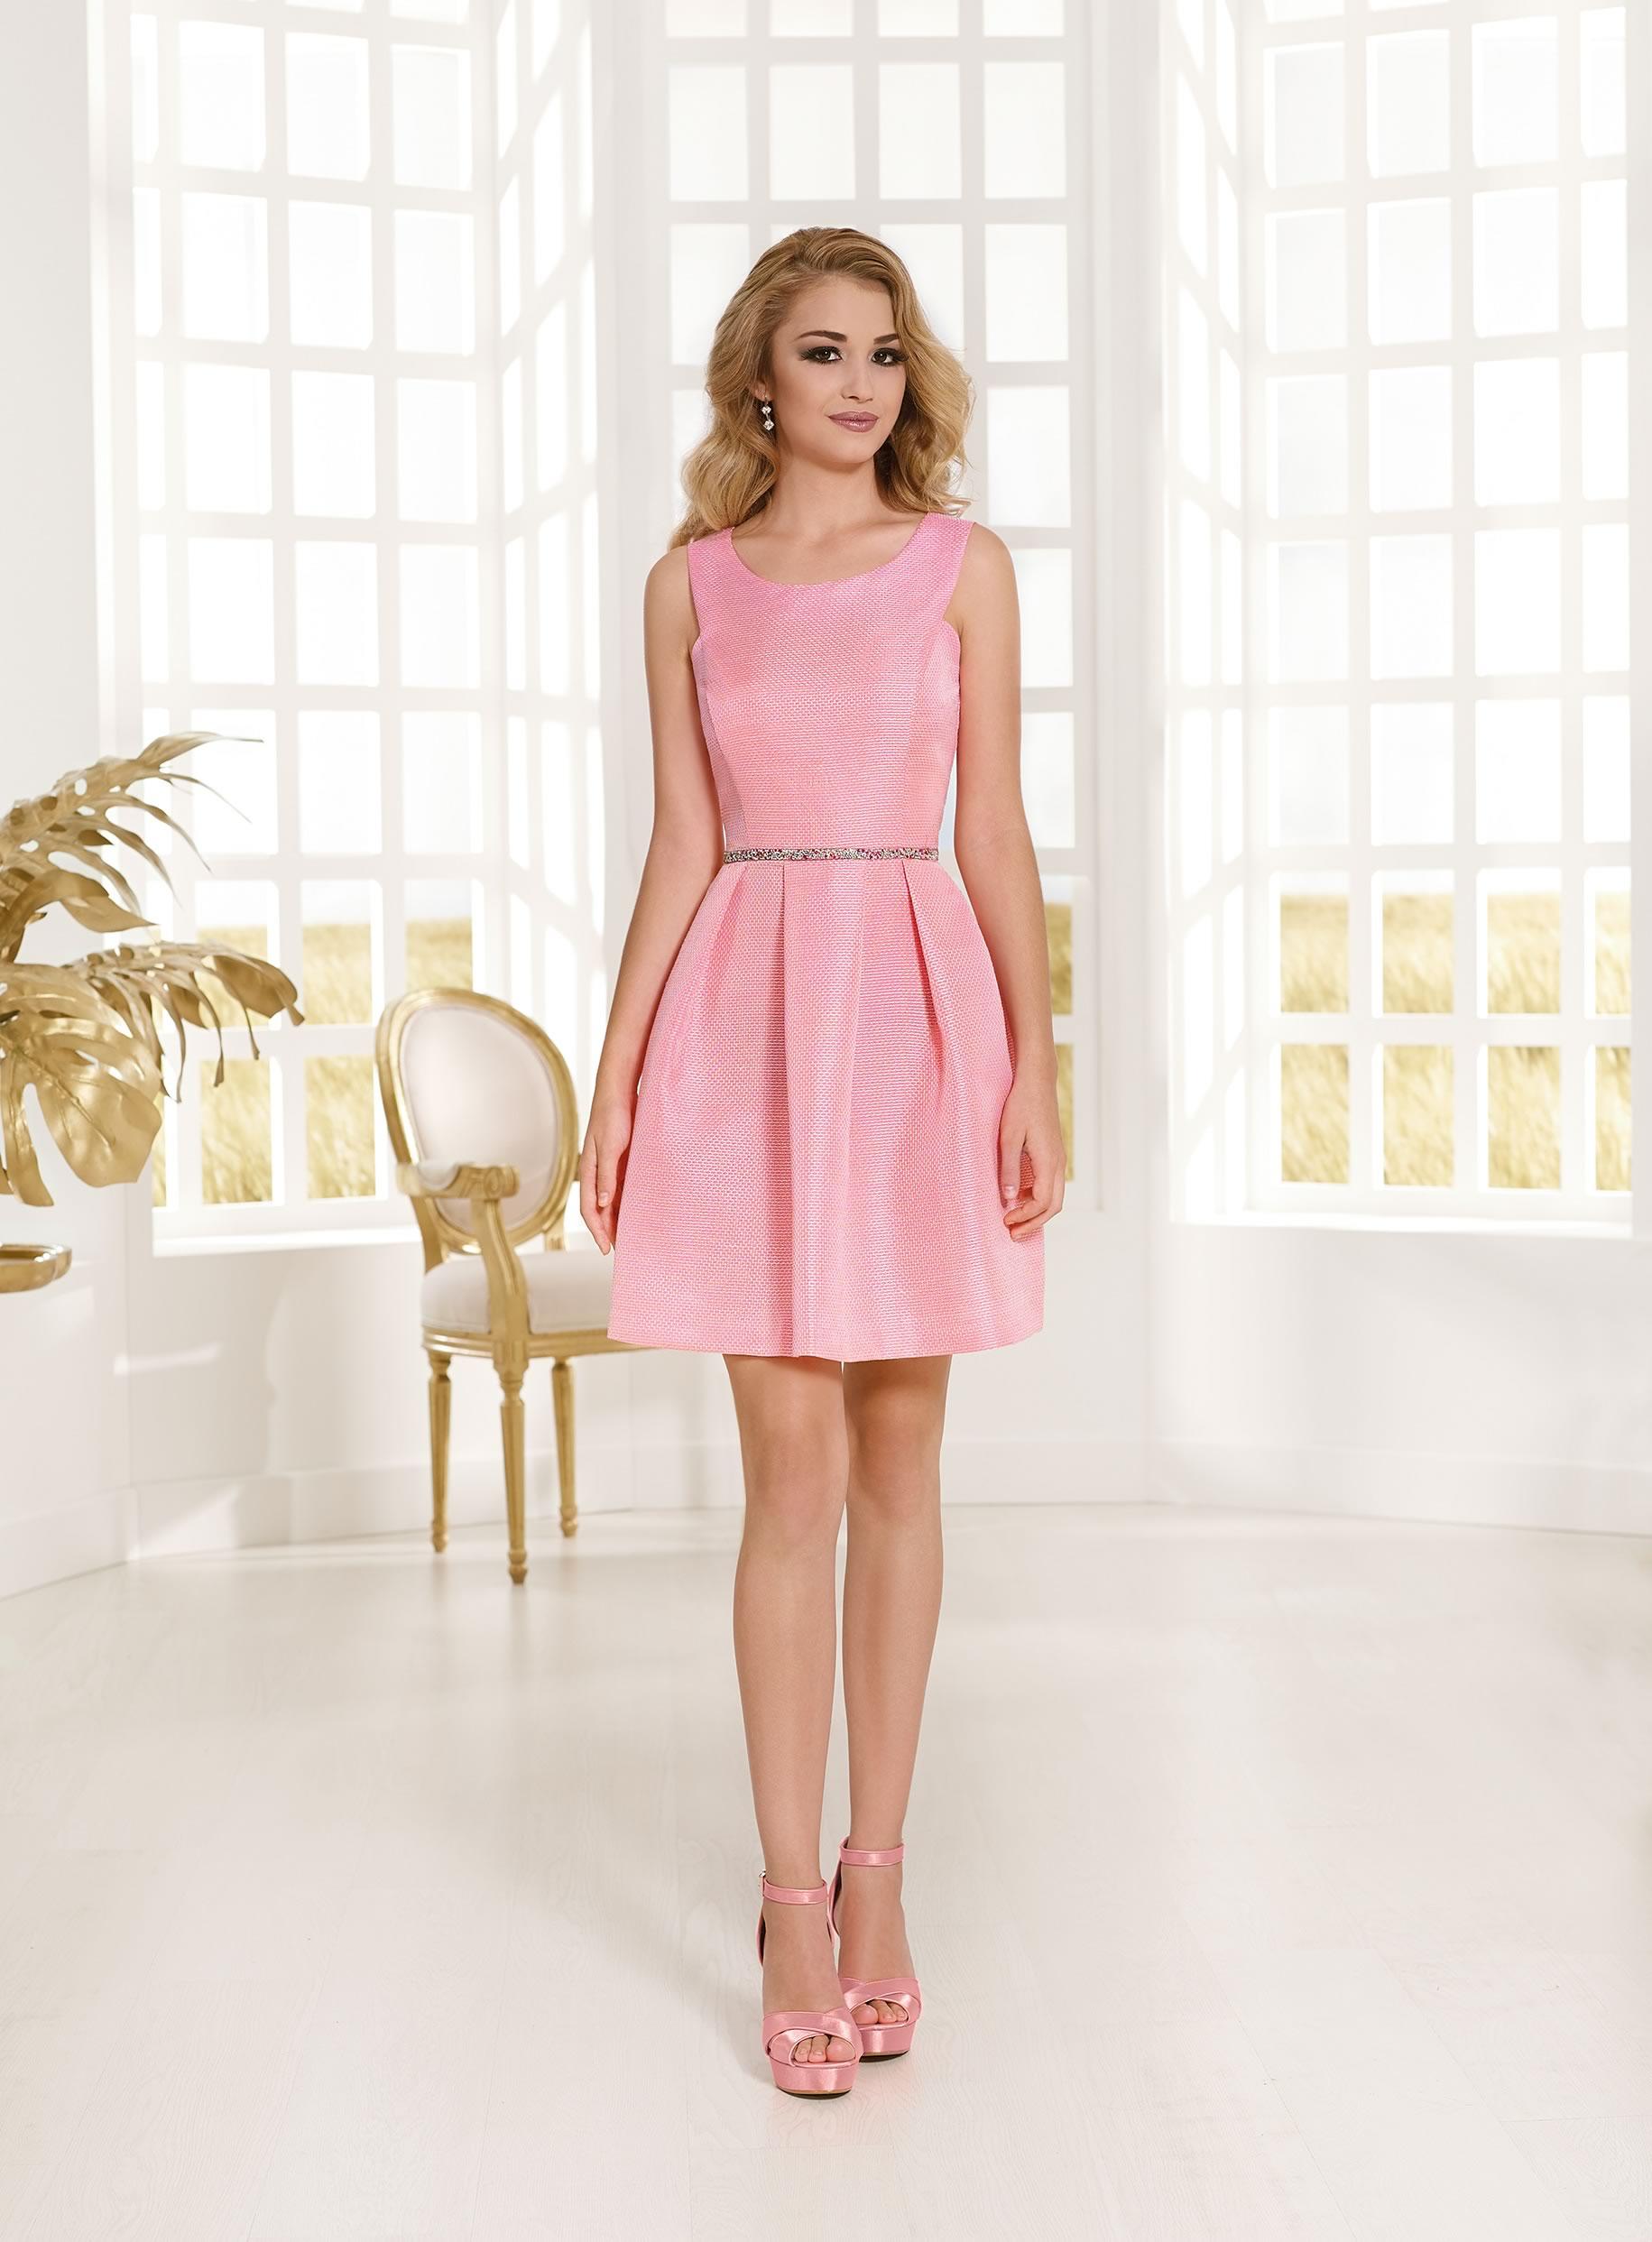 obtener nuevos correr zapatos ahorros fantásticos TodoBoda.com - 10 vestidos de fiesta para bodas de día